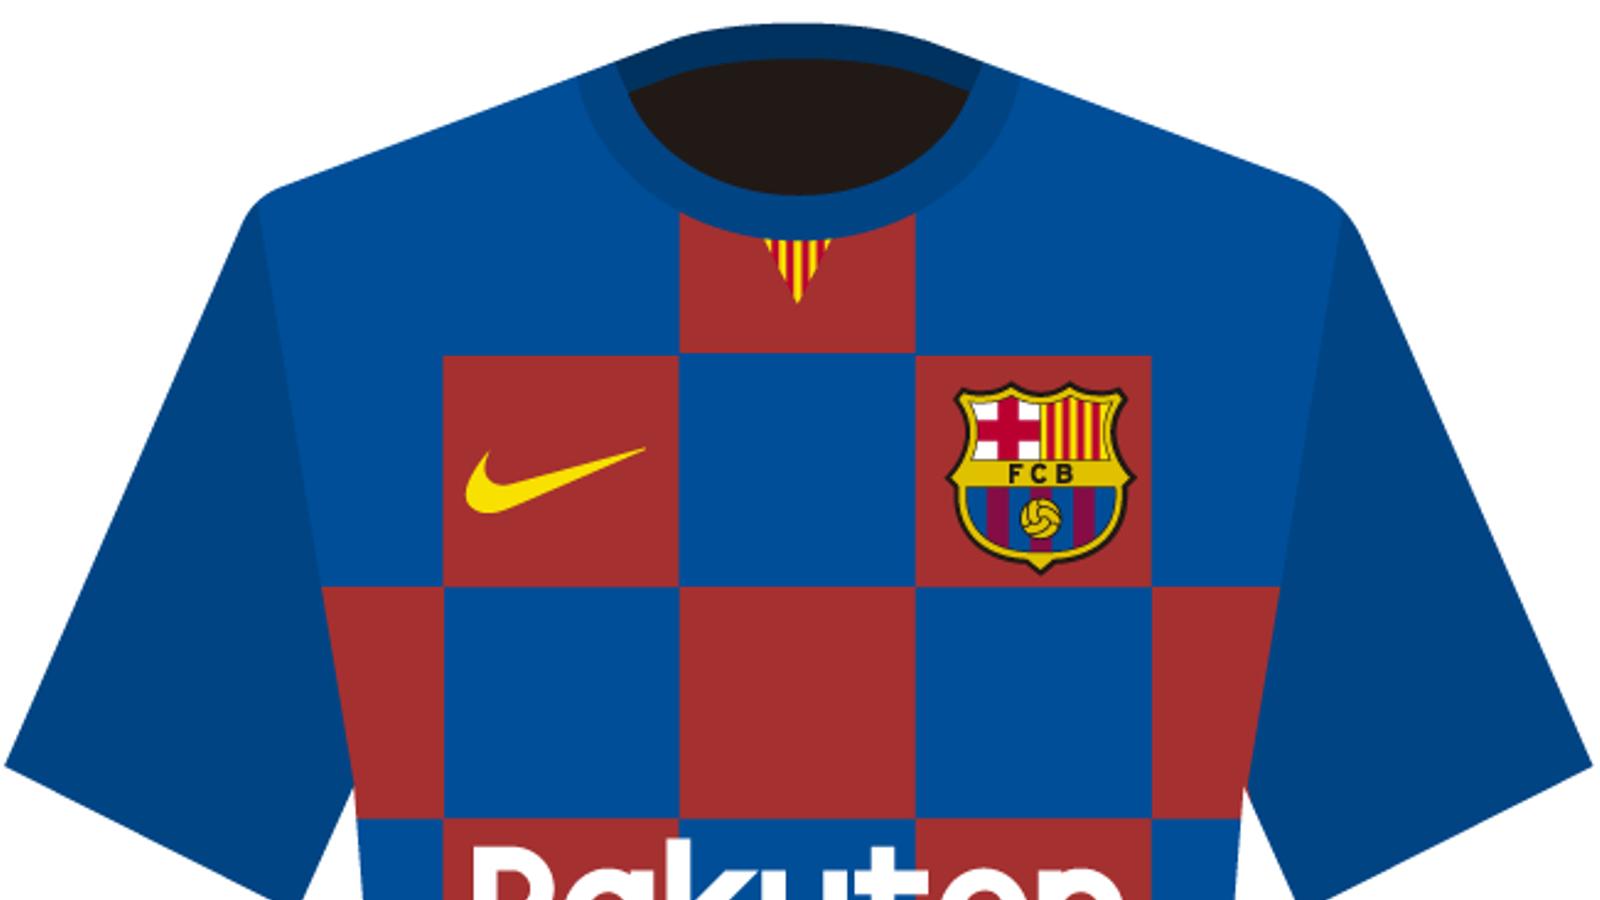 El Barça podria vestir amb una samarreta arlequinada